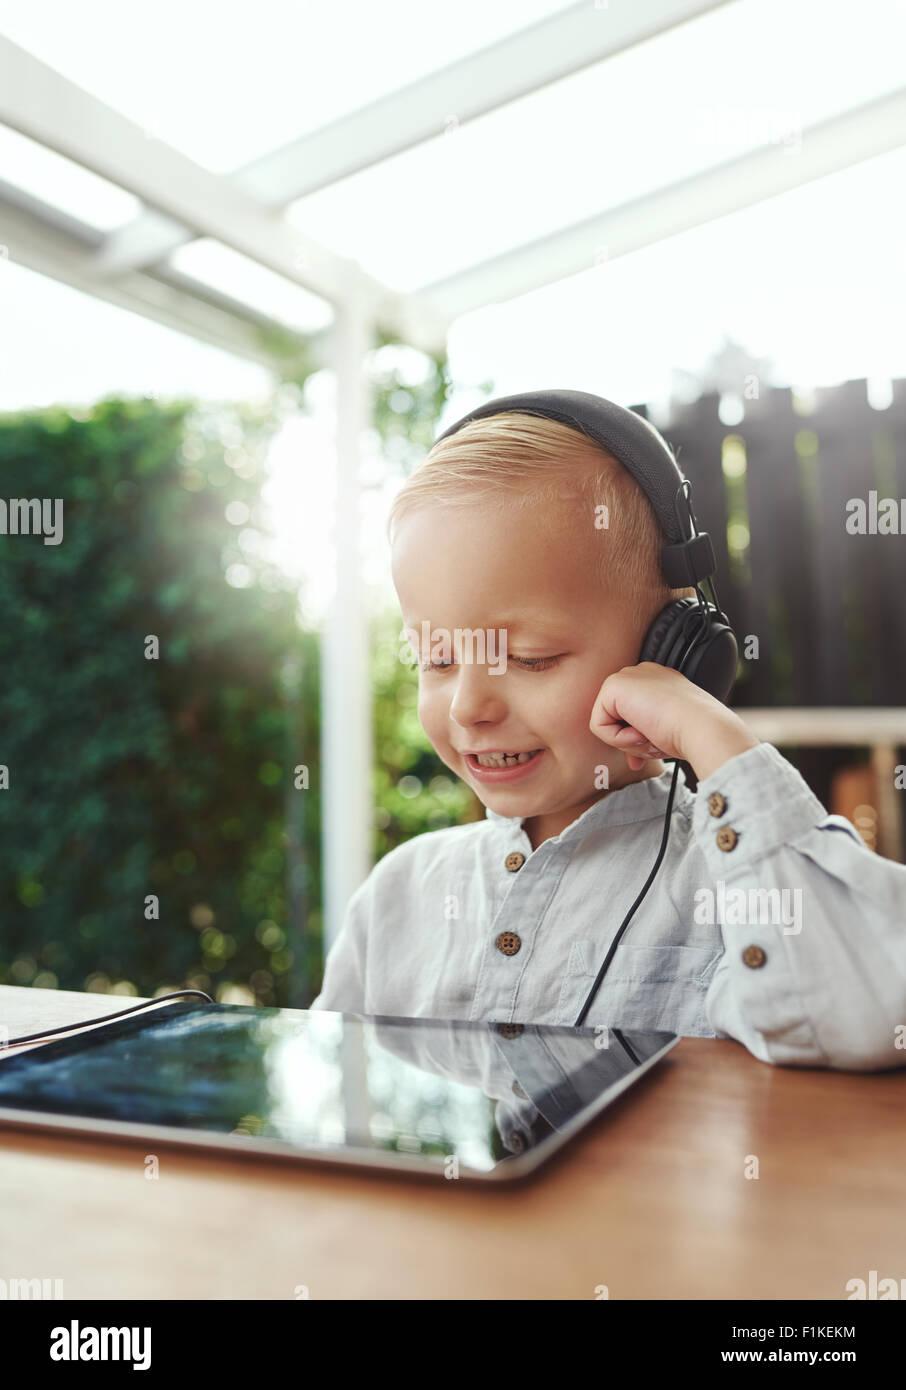 Little Boy sorridente in delight come ascolta la musica scaricata sul suo tablet pc utilizzando le cuffie stereo Immagini Stock